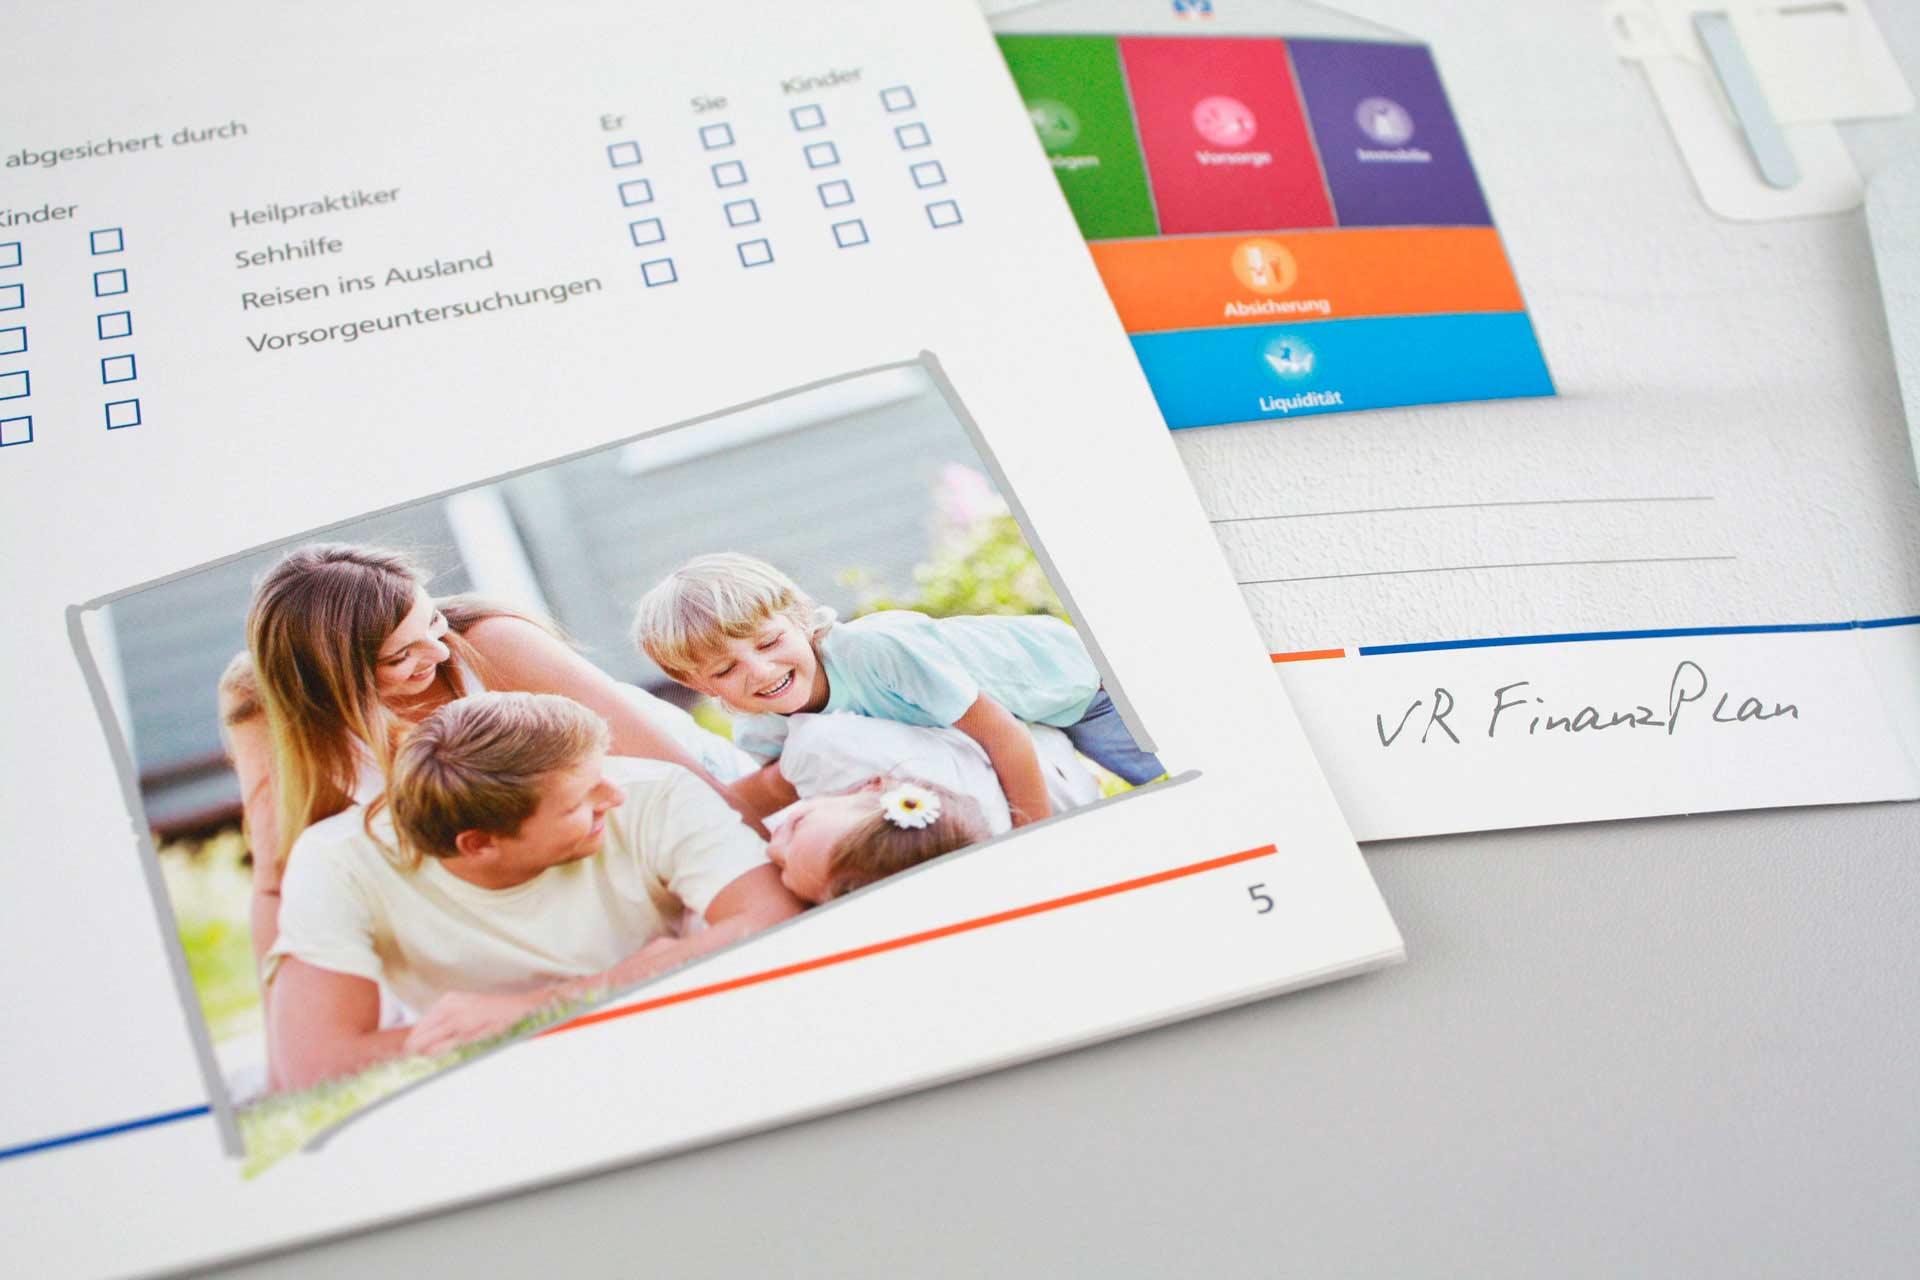 Dialog-Marketing, Kundenzeitung, Geschäftsausstattung der RV Bank Rhein-Haardt eG - MATRICKS MARKETING